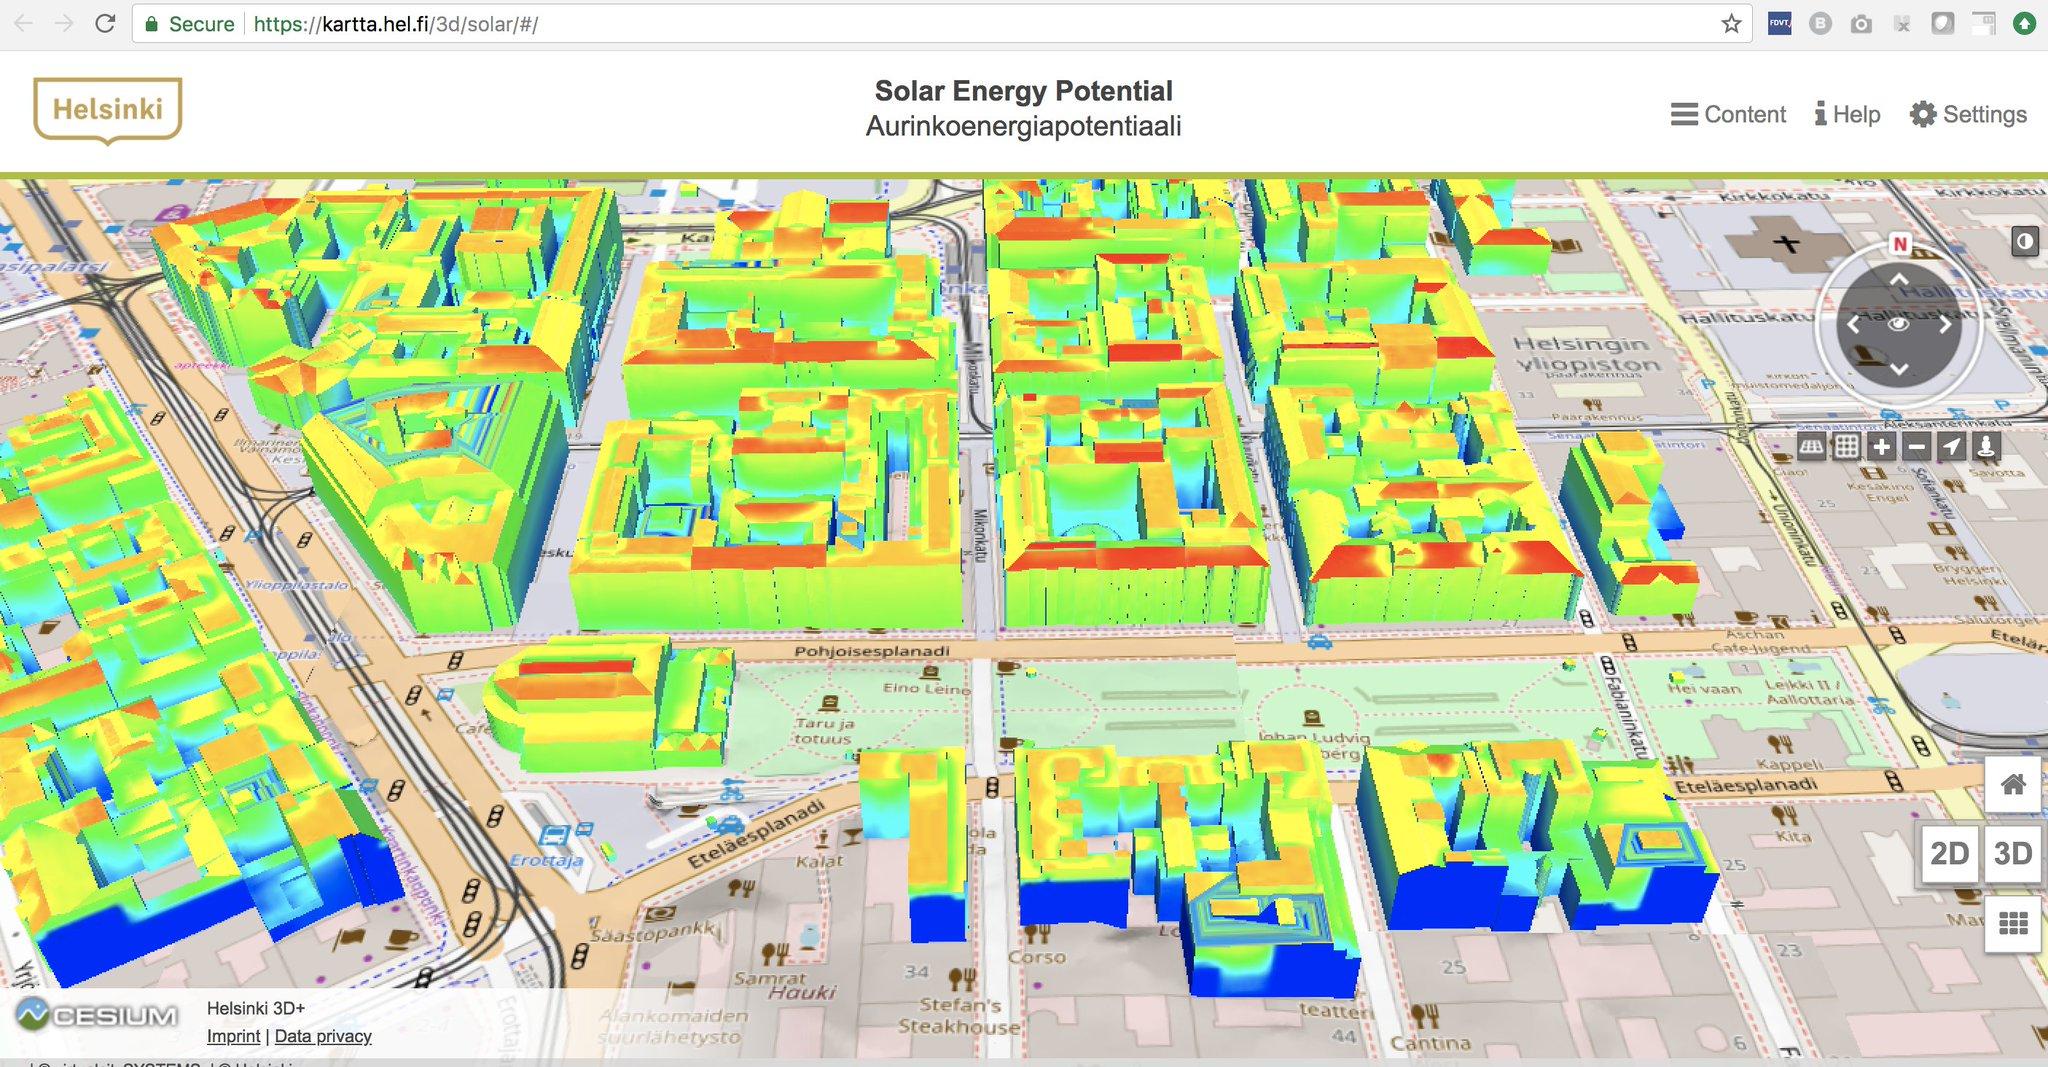 Teemu Ropponen On Twitter The Helsinki 3d Solar Energy Potential